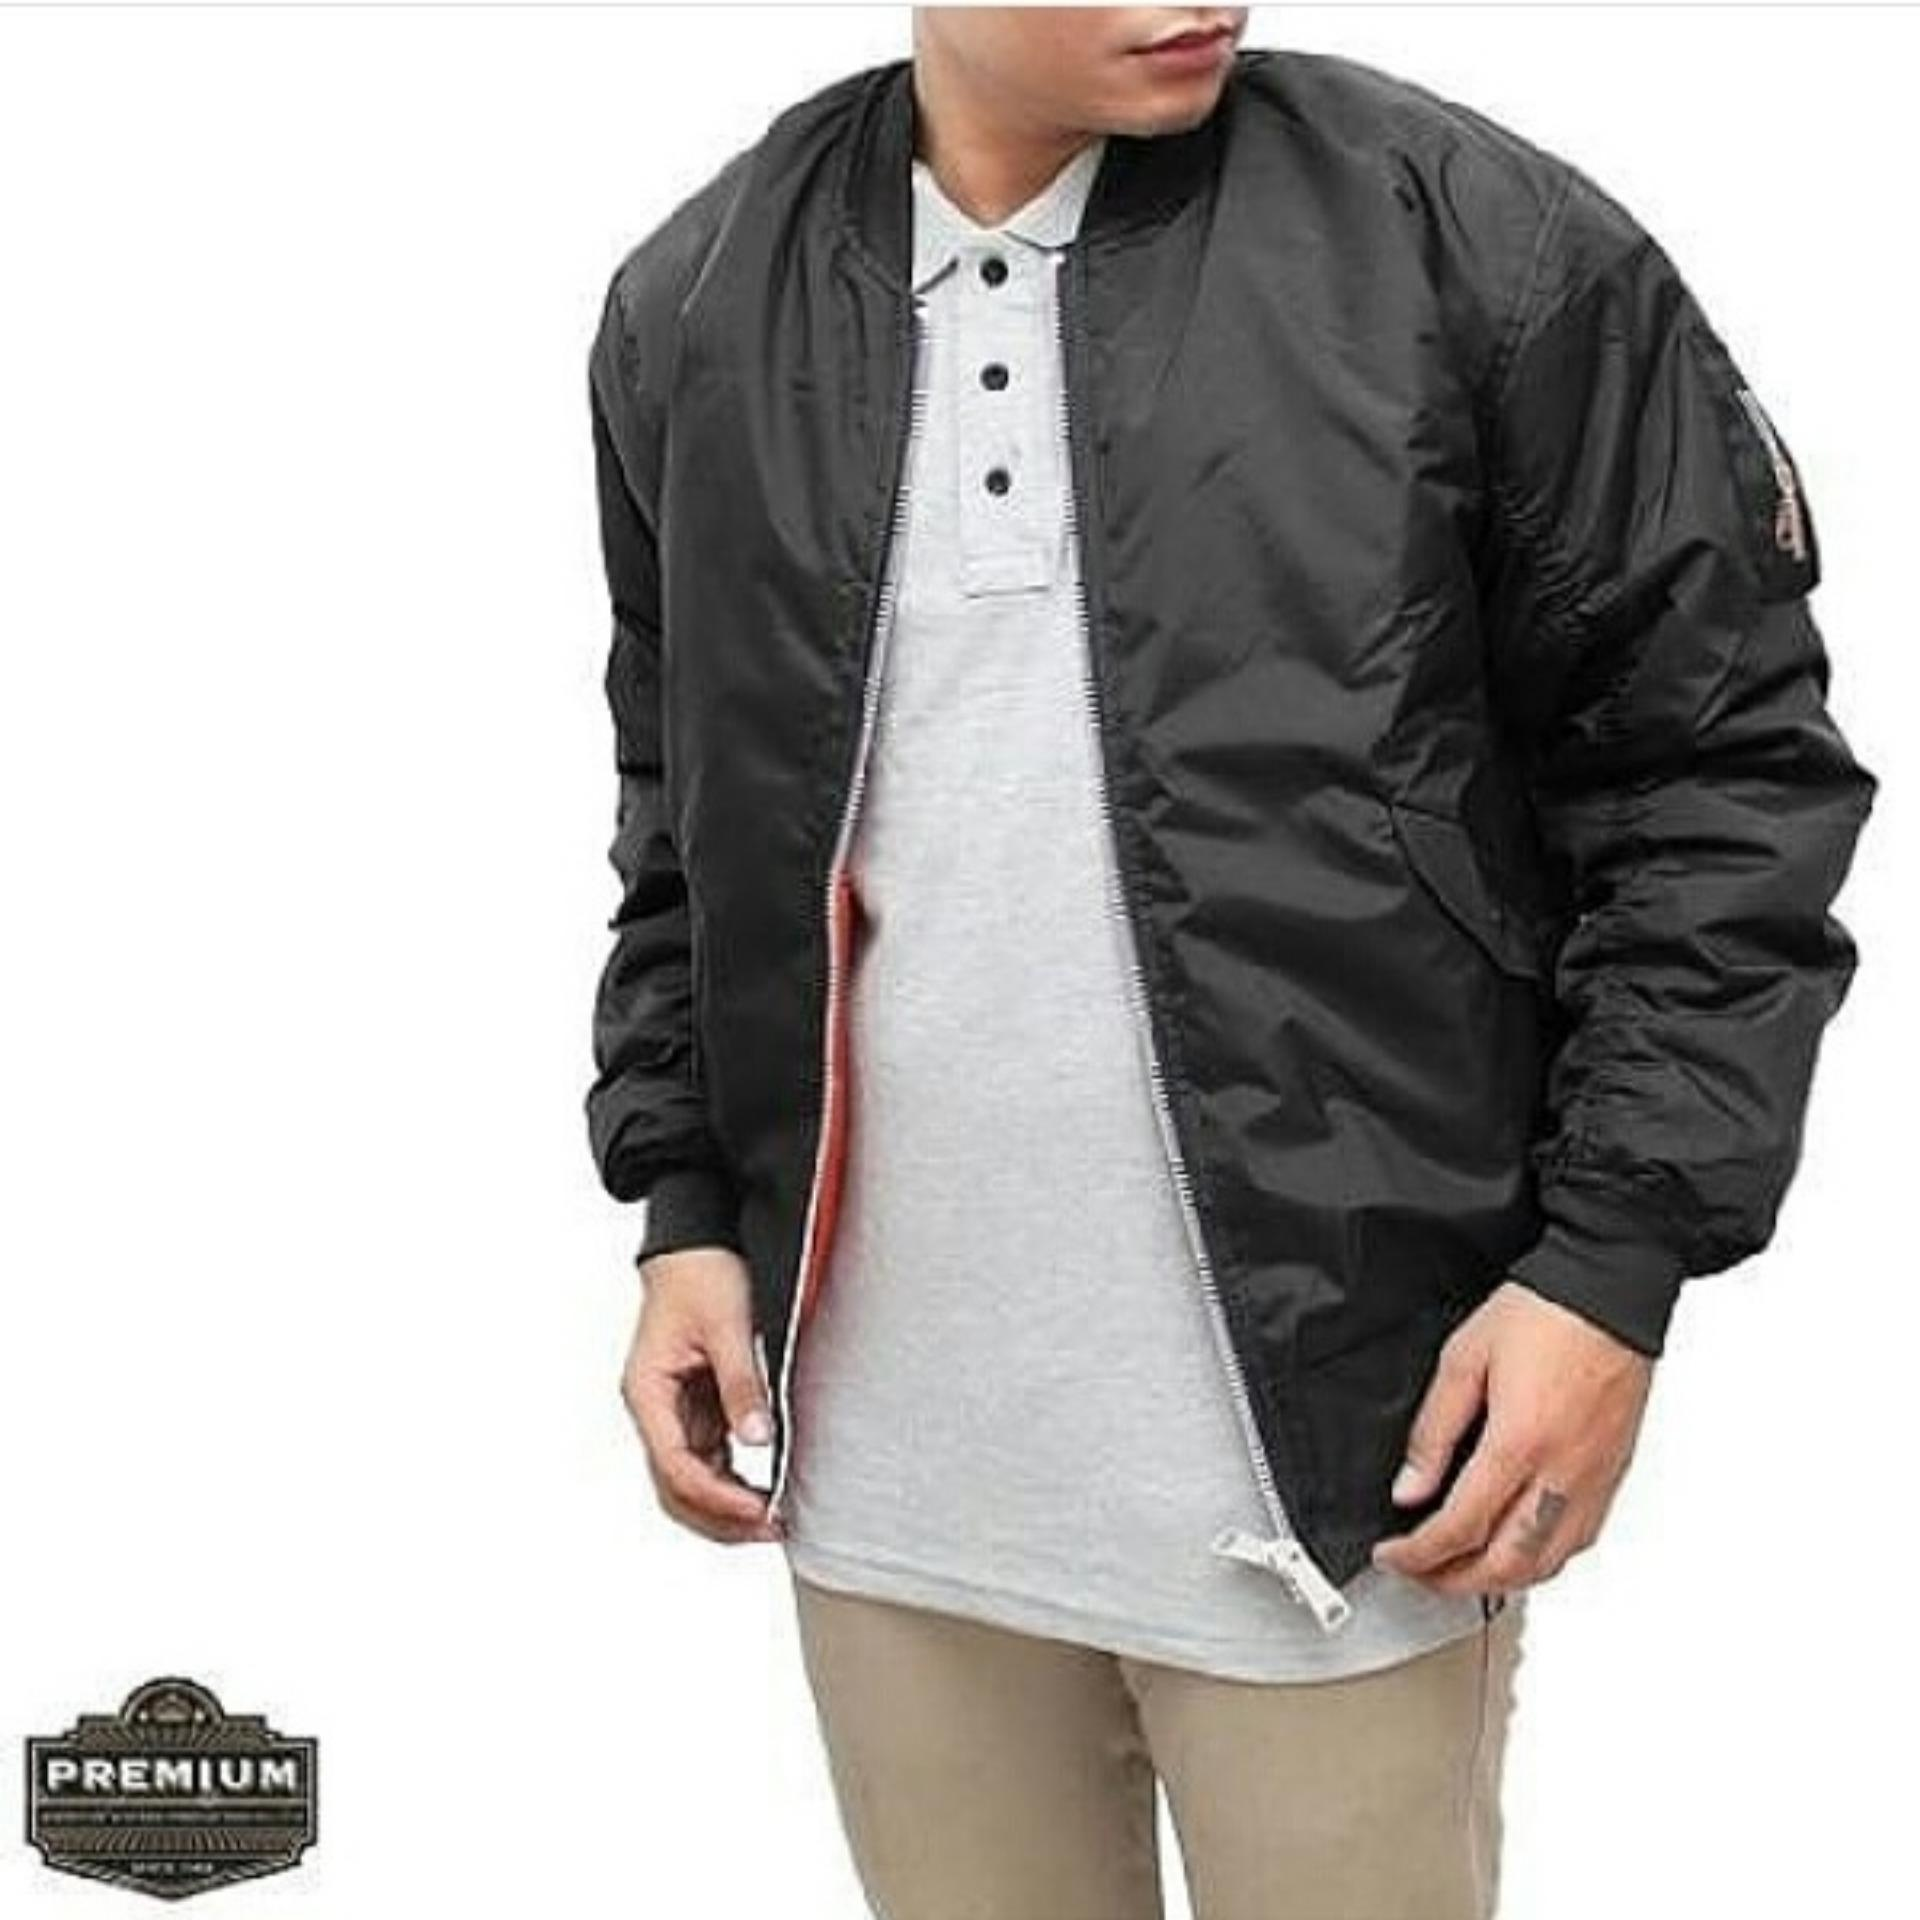 Popuri Fashion Jaket Bomber Wiley - Jacket Babyterry Lengan Panjang ... -  Jaket Murah 6666759b55